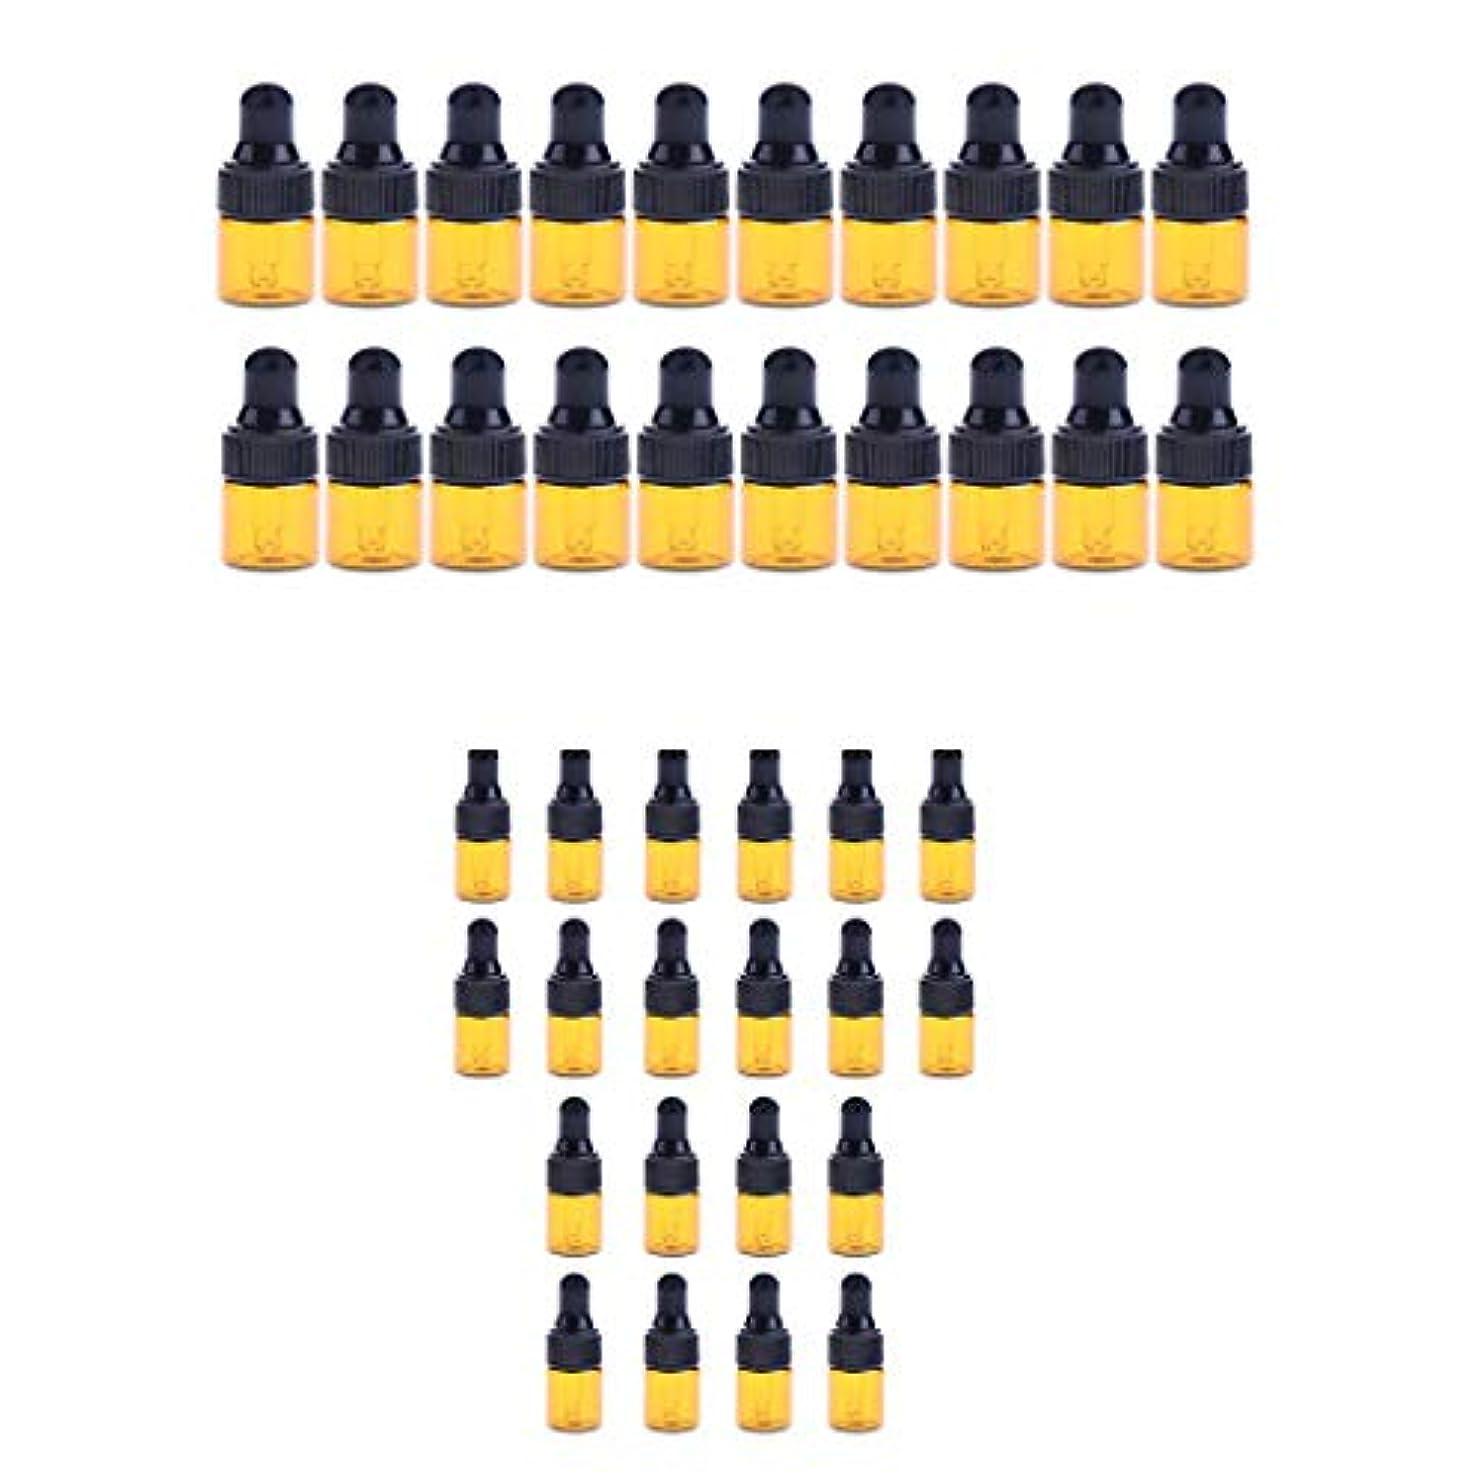 中正直フルーティー小分けボトル スポイトボトル ガラス瓶 詰め替え 精油 香水 保存用 2ml / 3ml 40個入